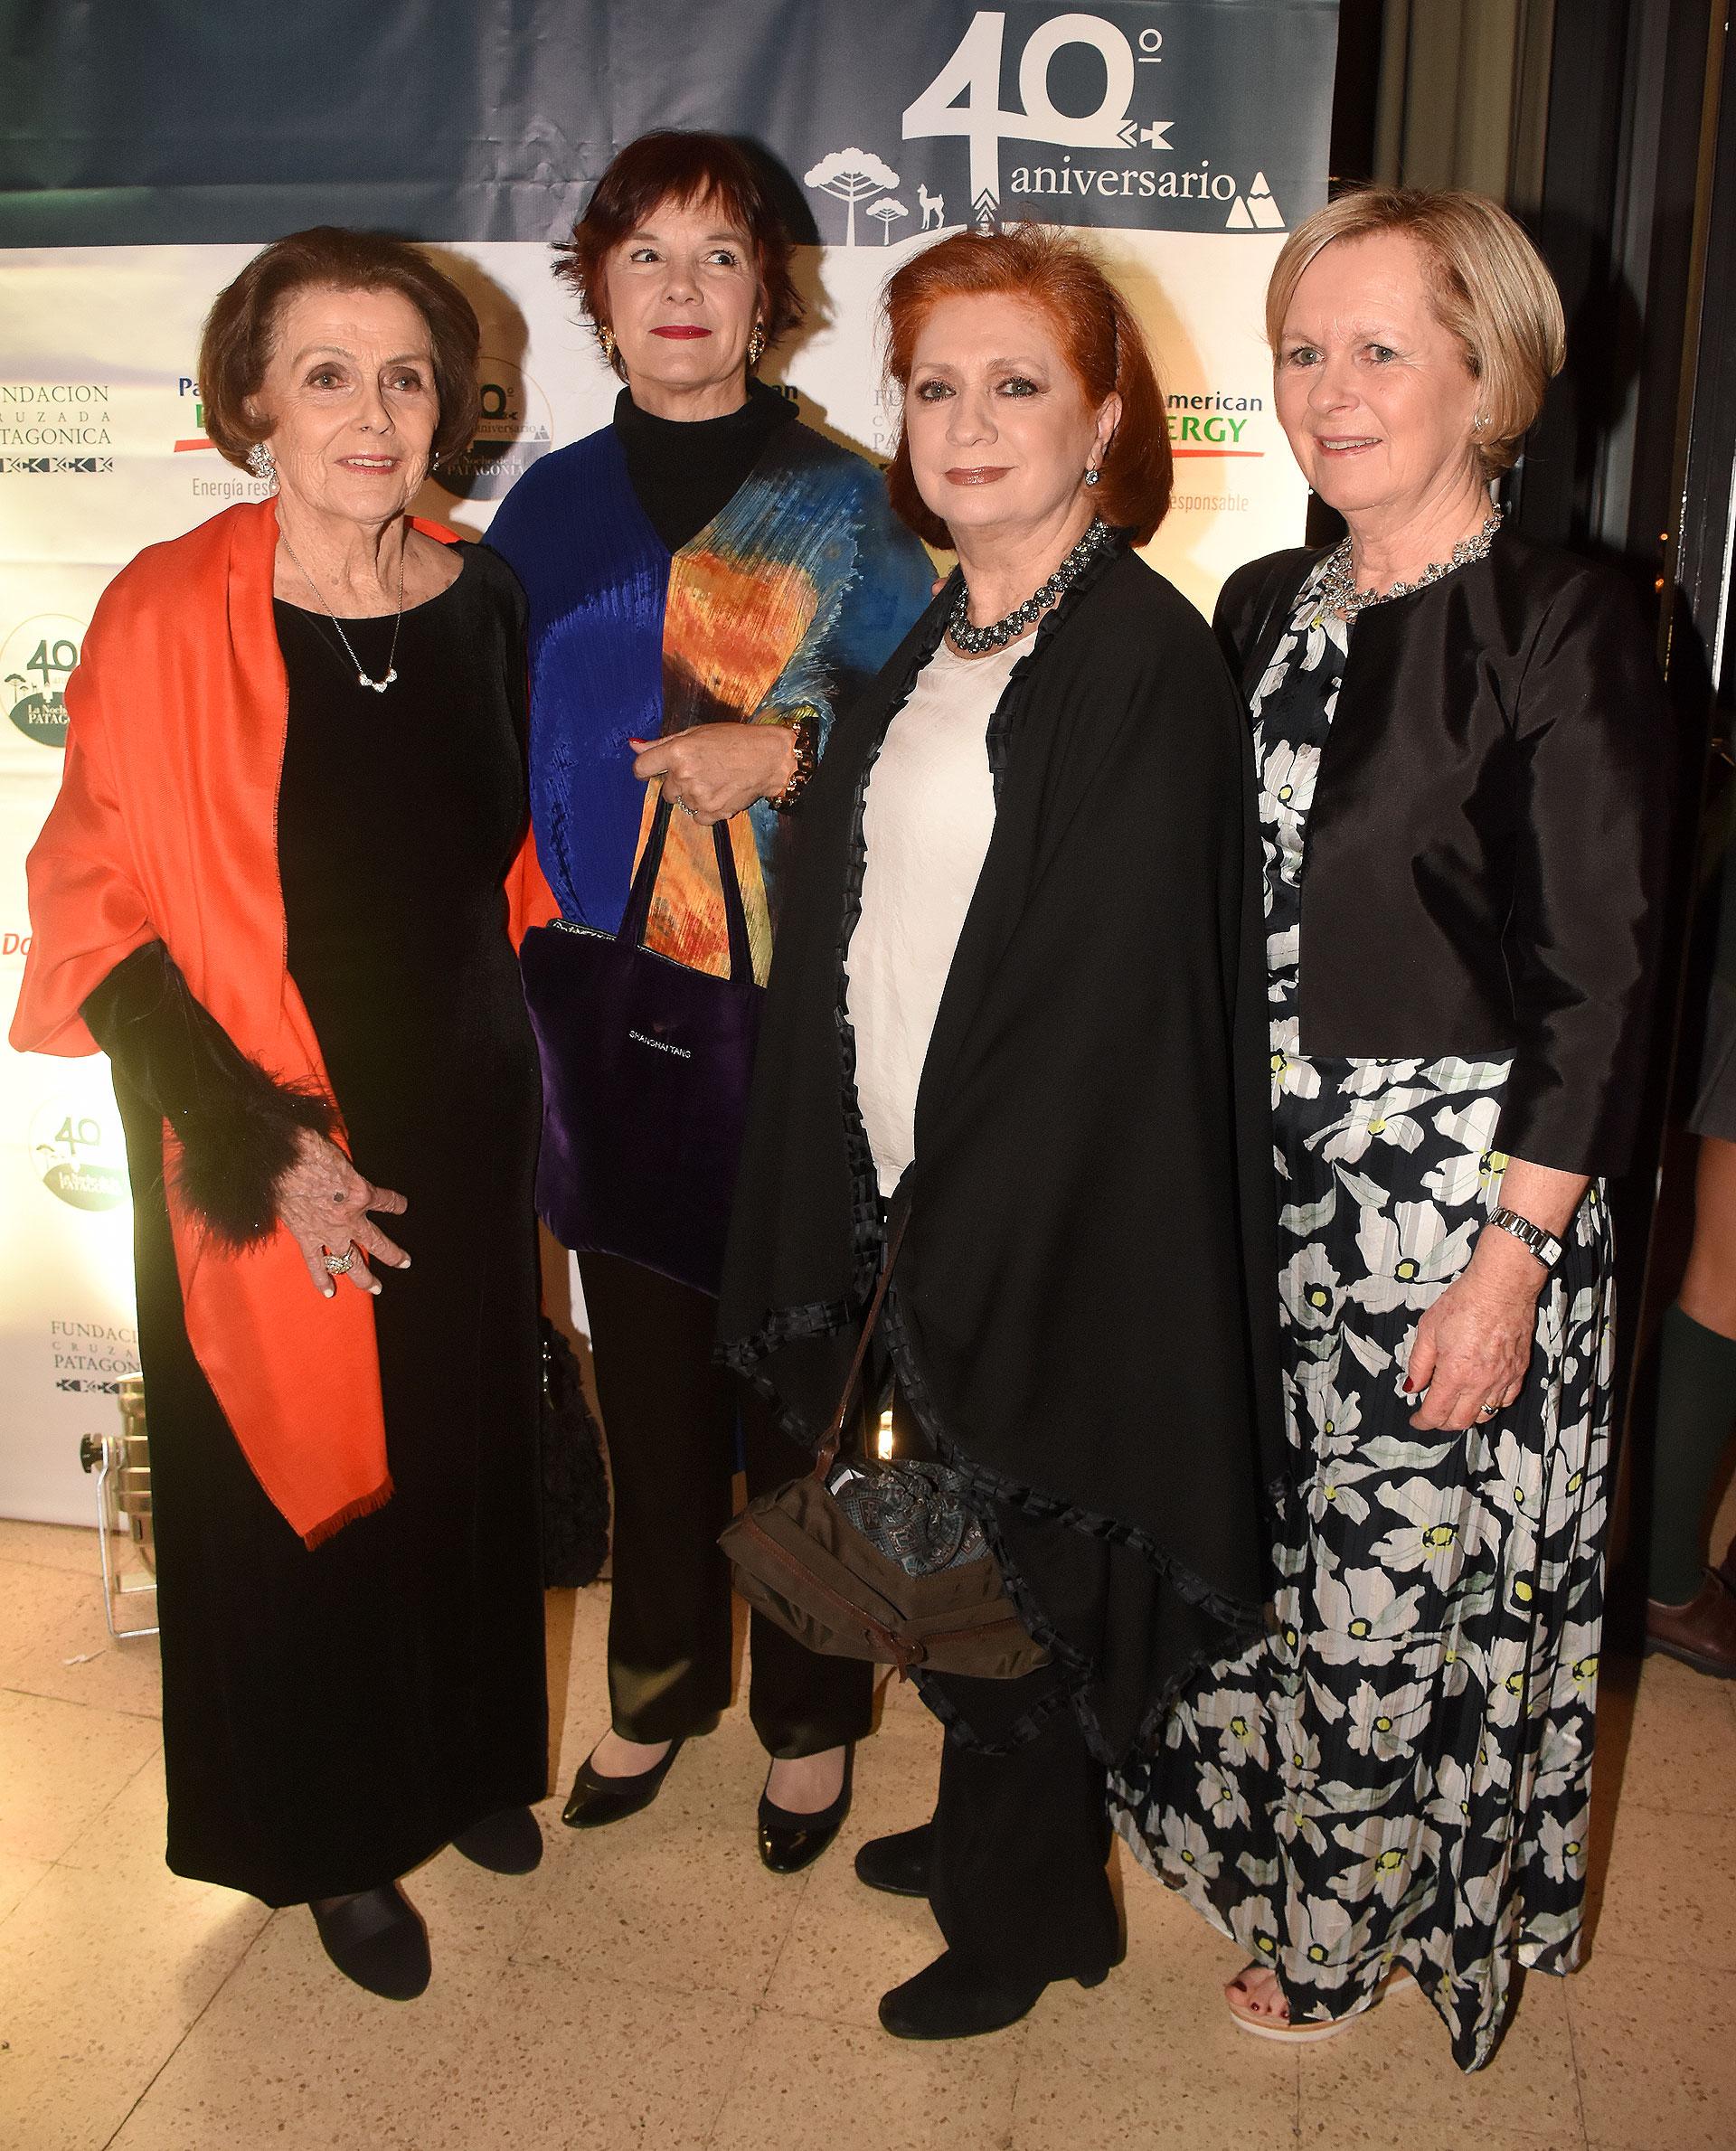 Meme Larivière, Pancha Lavista, Teresa González Fernández y Marina Larivière